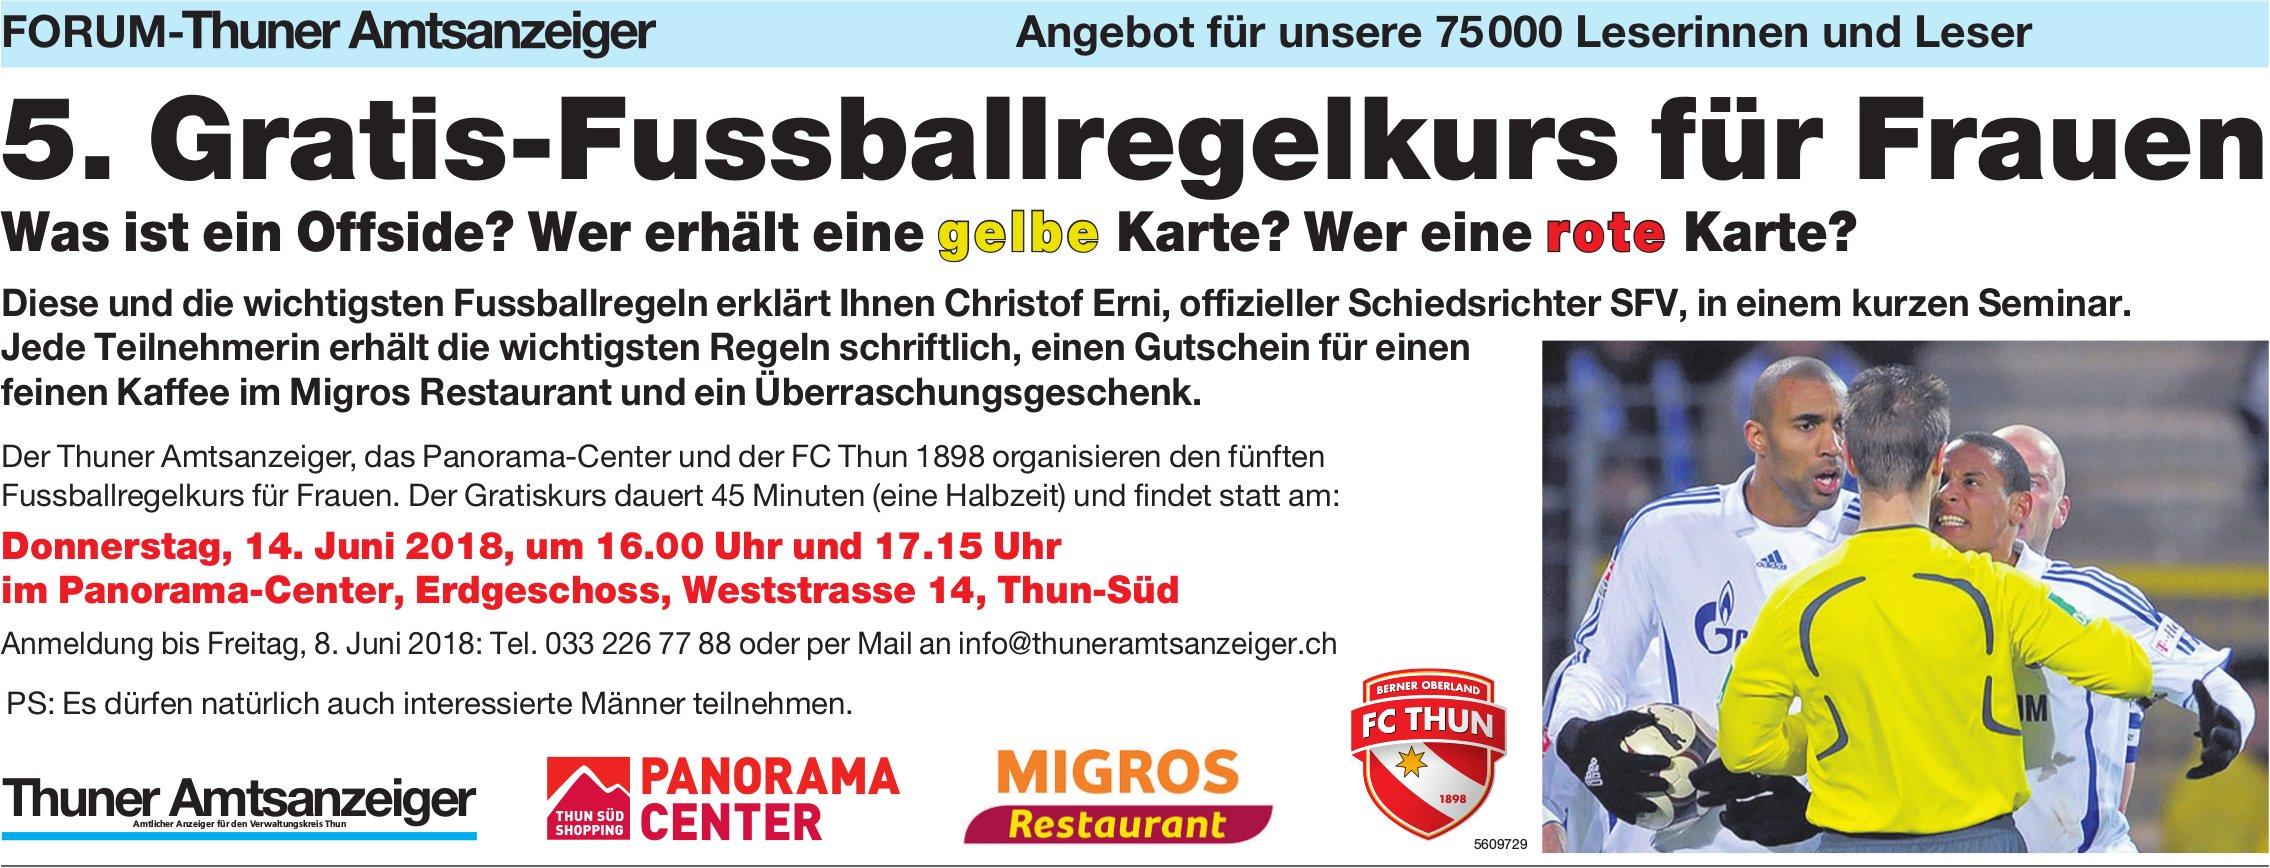 Forum-Thuner Amtsanzeiger - 5. Gratis-Fussballregelkurs für Frauen am 14. Juni